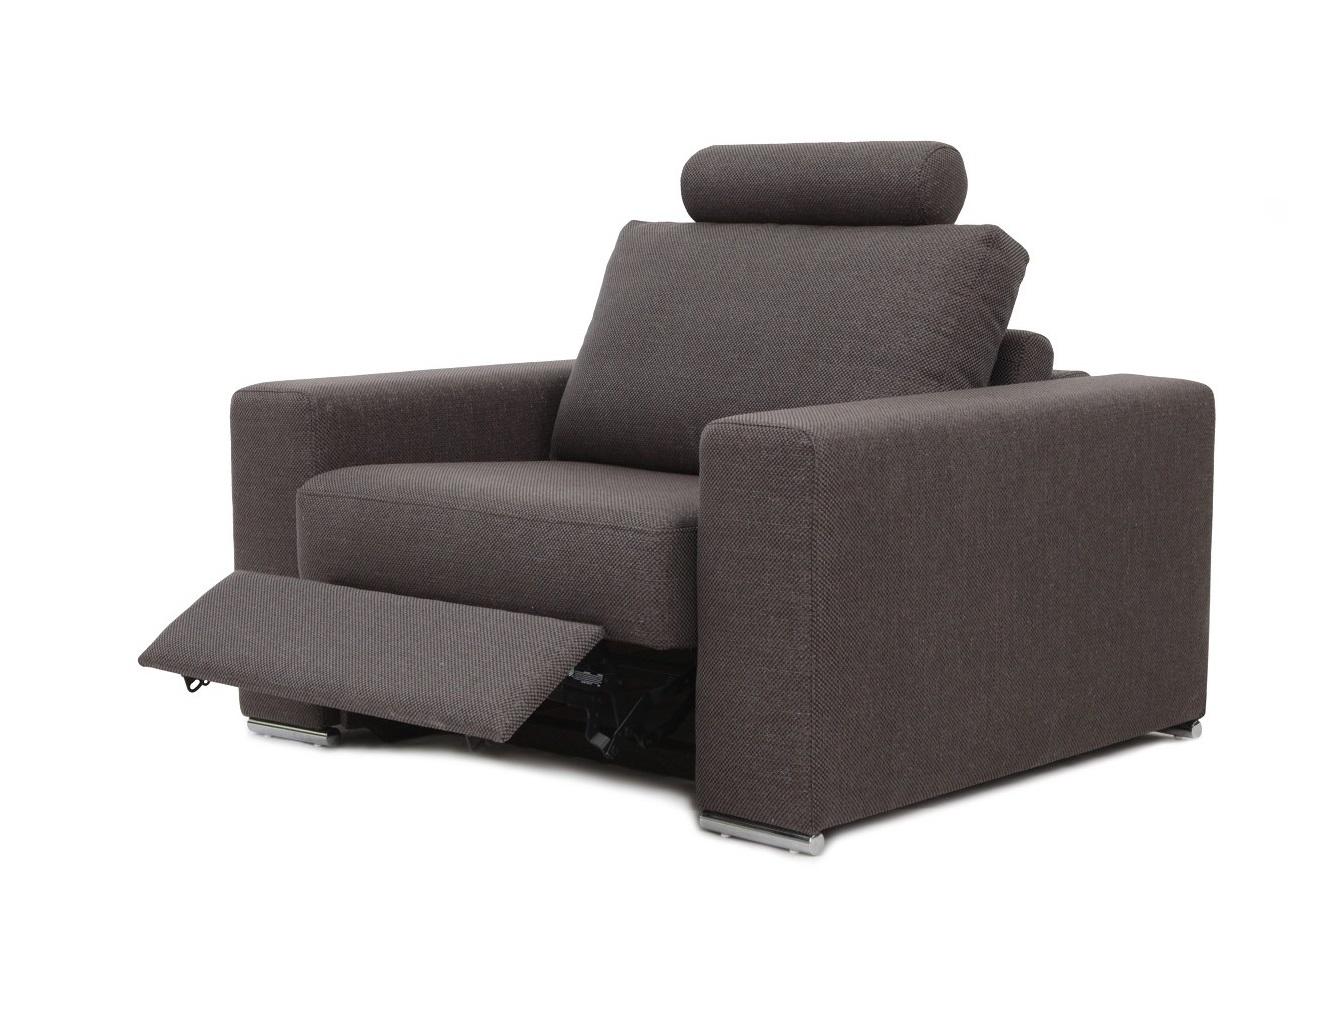 Кресло-реклайнер МилтонИнтерьерные кресла<br>Кресло-реклайнер &amp;quot;Милтон&amp;quot; является набором нескольких частей модульного дивана &amp;quot;Милтон&amp;quot;, который позволяет делать различные варианты комплектаций для Вашего идеального жилья!<br>Модульный диван &amp;quot;Милтон&amp;quot; - это отличное решение для любой обстановки! Обладая выверенными формами и современным дизайном, &amp;quot;Милтон&amp;quot; прекрасно впишется в Ваше пространство, подчеркнув Ваш стиль и характер!&amp;amp;nbsp;&amp;lt;div&amp;gt;&amp;lt;br&amp;gt;&amp;lt;div&amp;gt;Большой выбор обивочных тканей (подробности уточняйте у менеджера).&amp;lt;/div&amp;gt;&amp;lt;/div&amp;gt;<br><br>Material: Текстиль<br>Ширина см: 107<br>Высота см: 90<br>Глубина см: 104